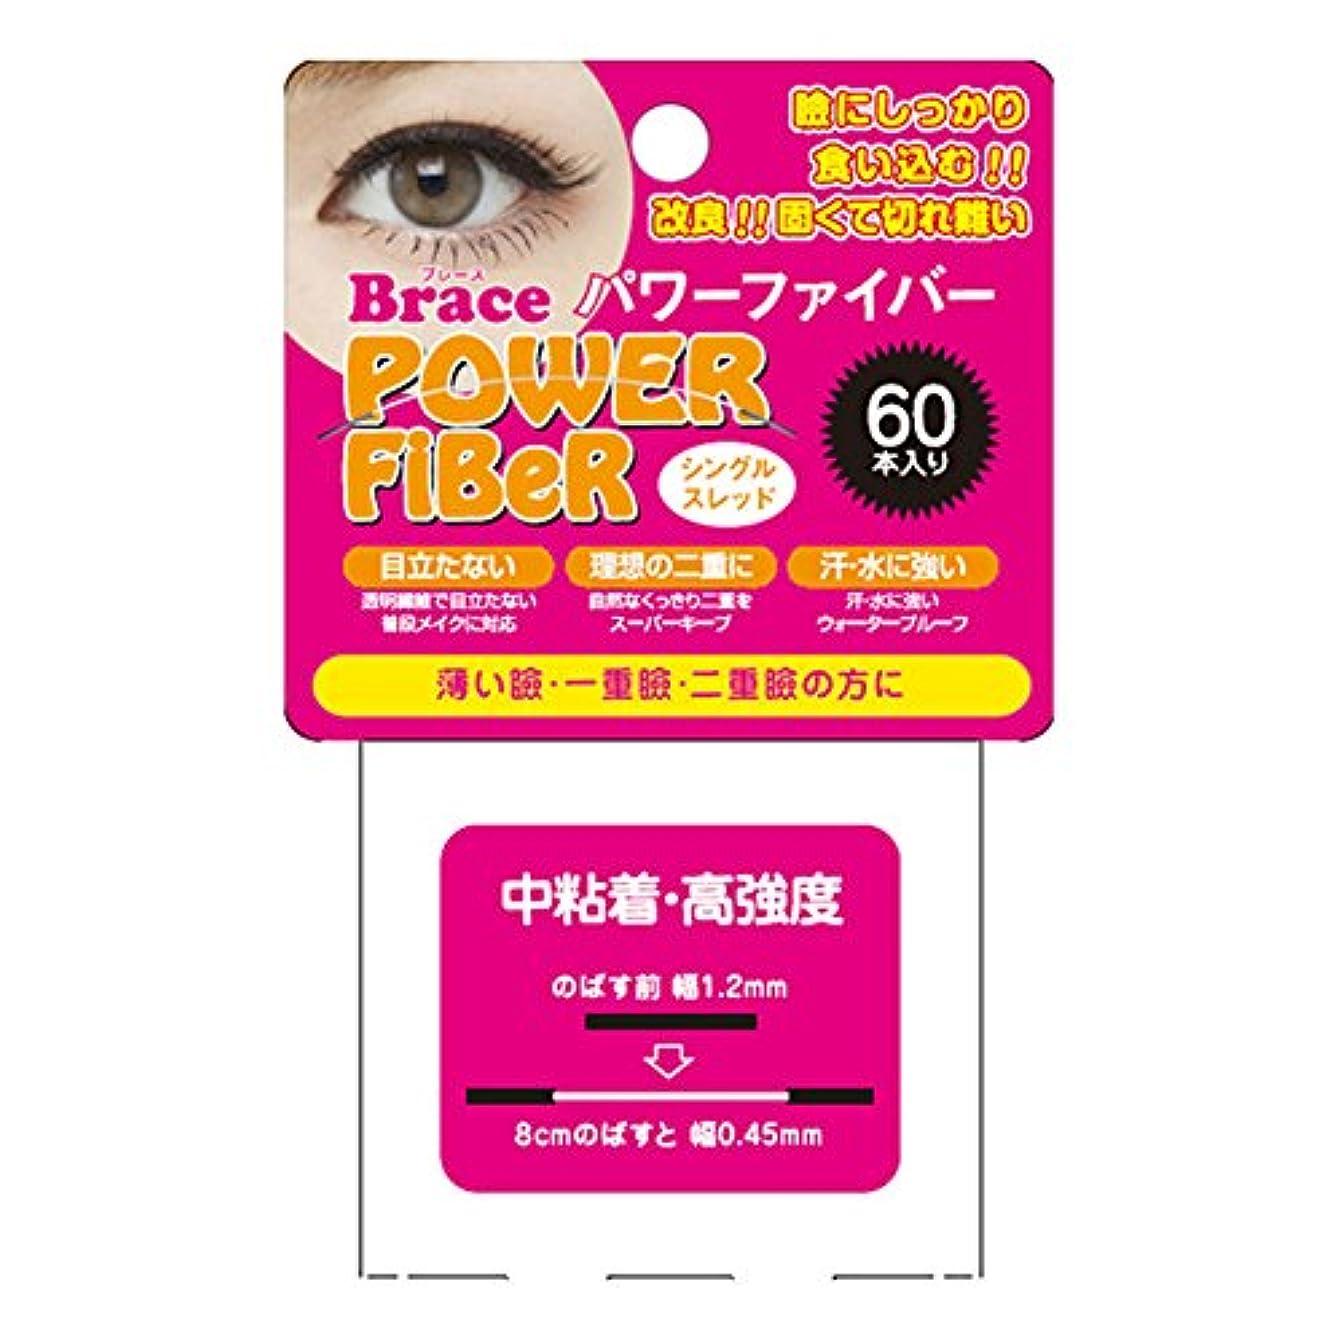 鋼無許可適応するBrace ブレース パワーファイバー シングルスレッド クリア 1.2mm 60本入 (眼瞼下垂防止用テープ)